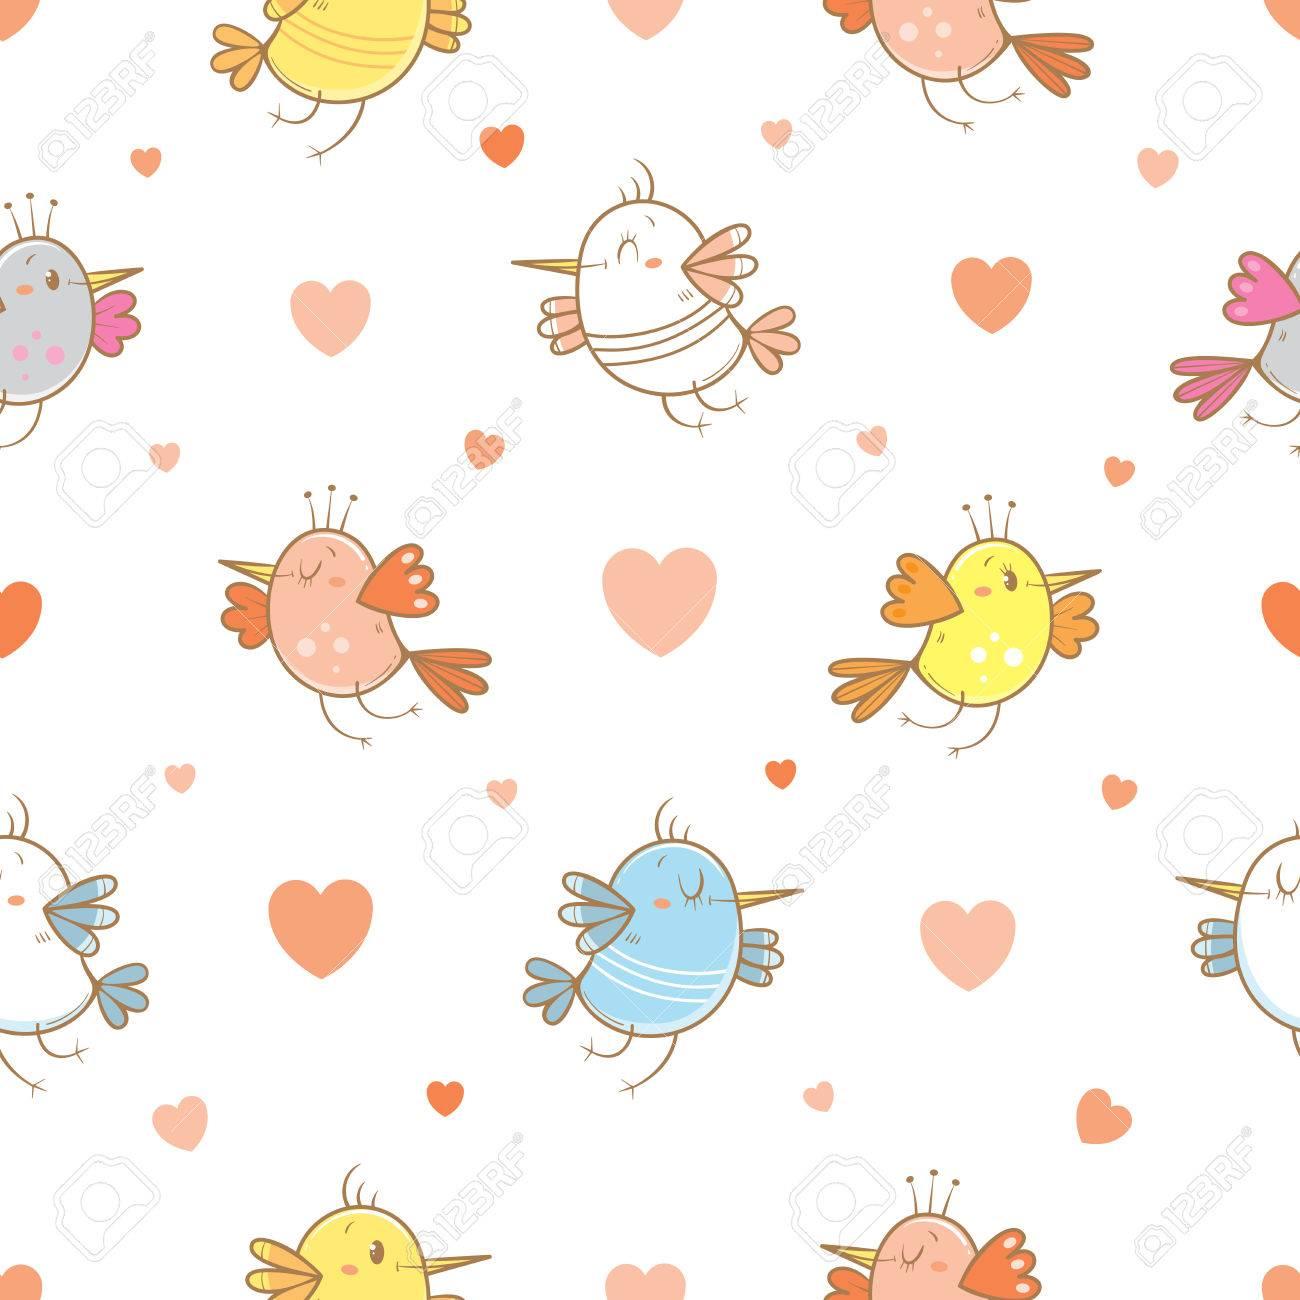 Nahtlose Muster Von Valentinstag Auf Weissem Hintergrund Nette